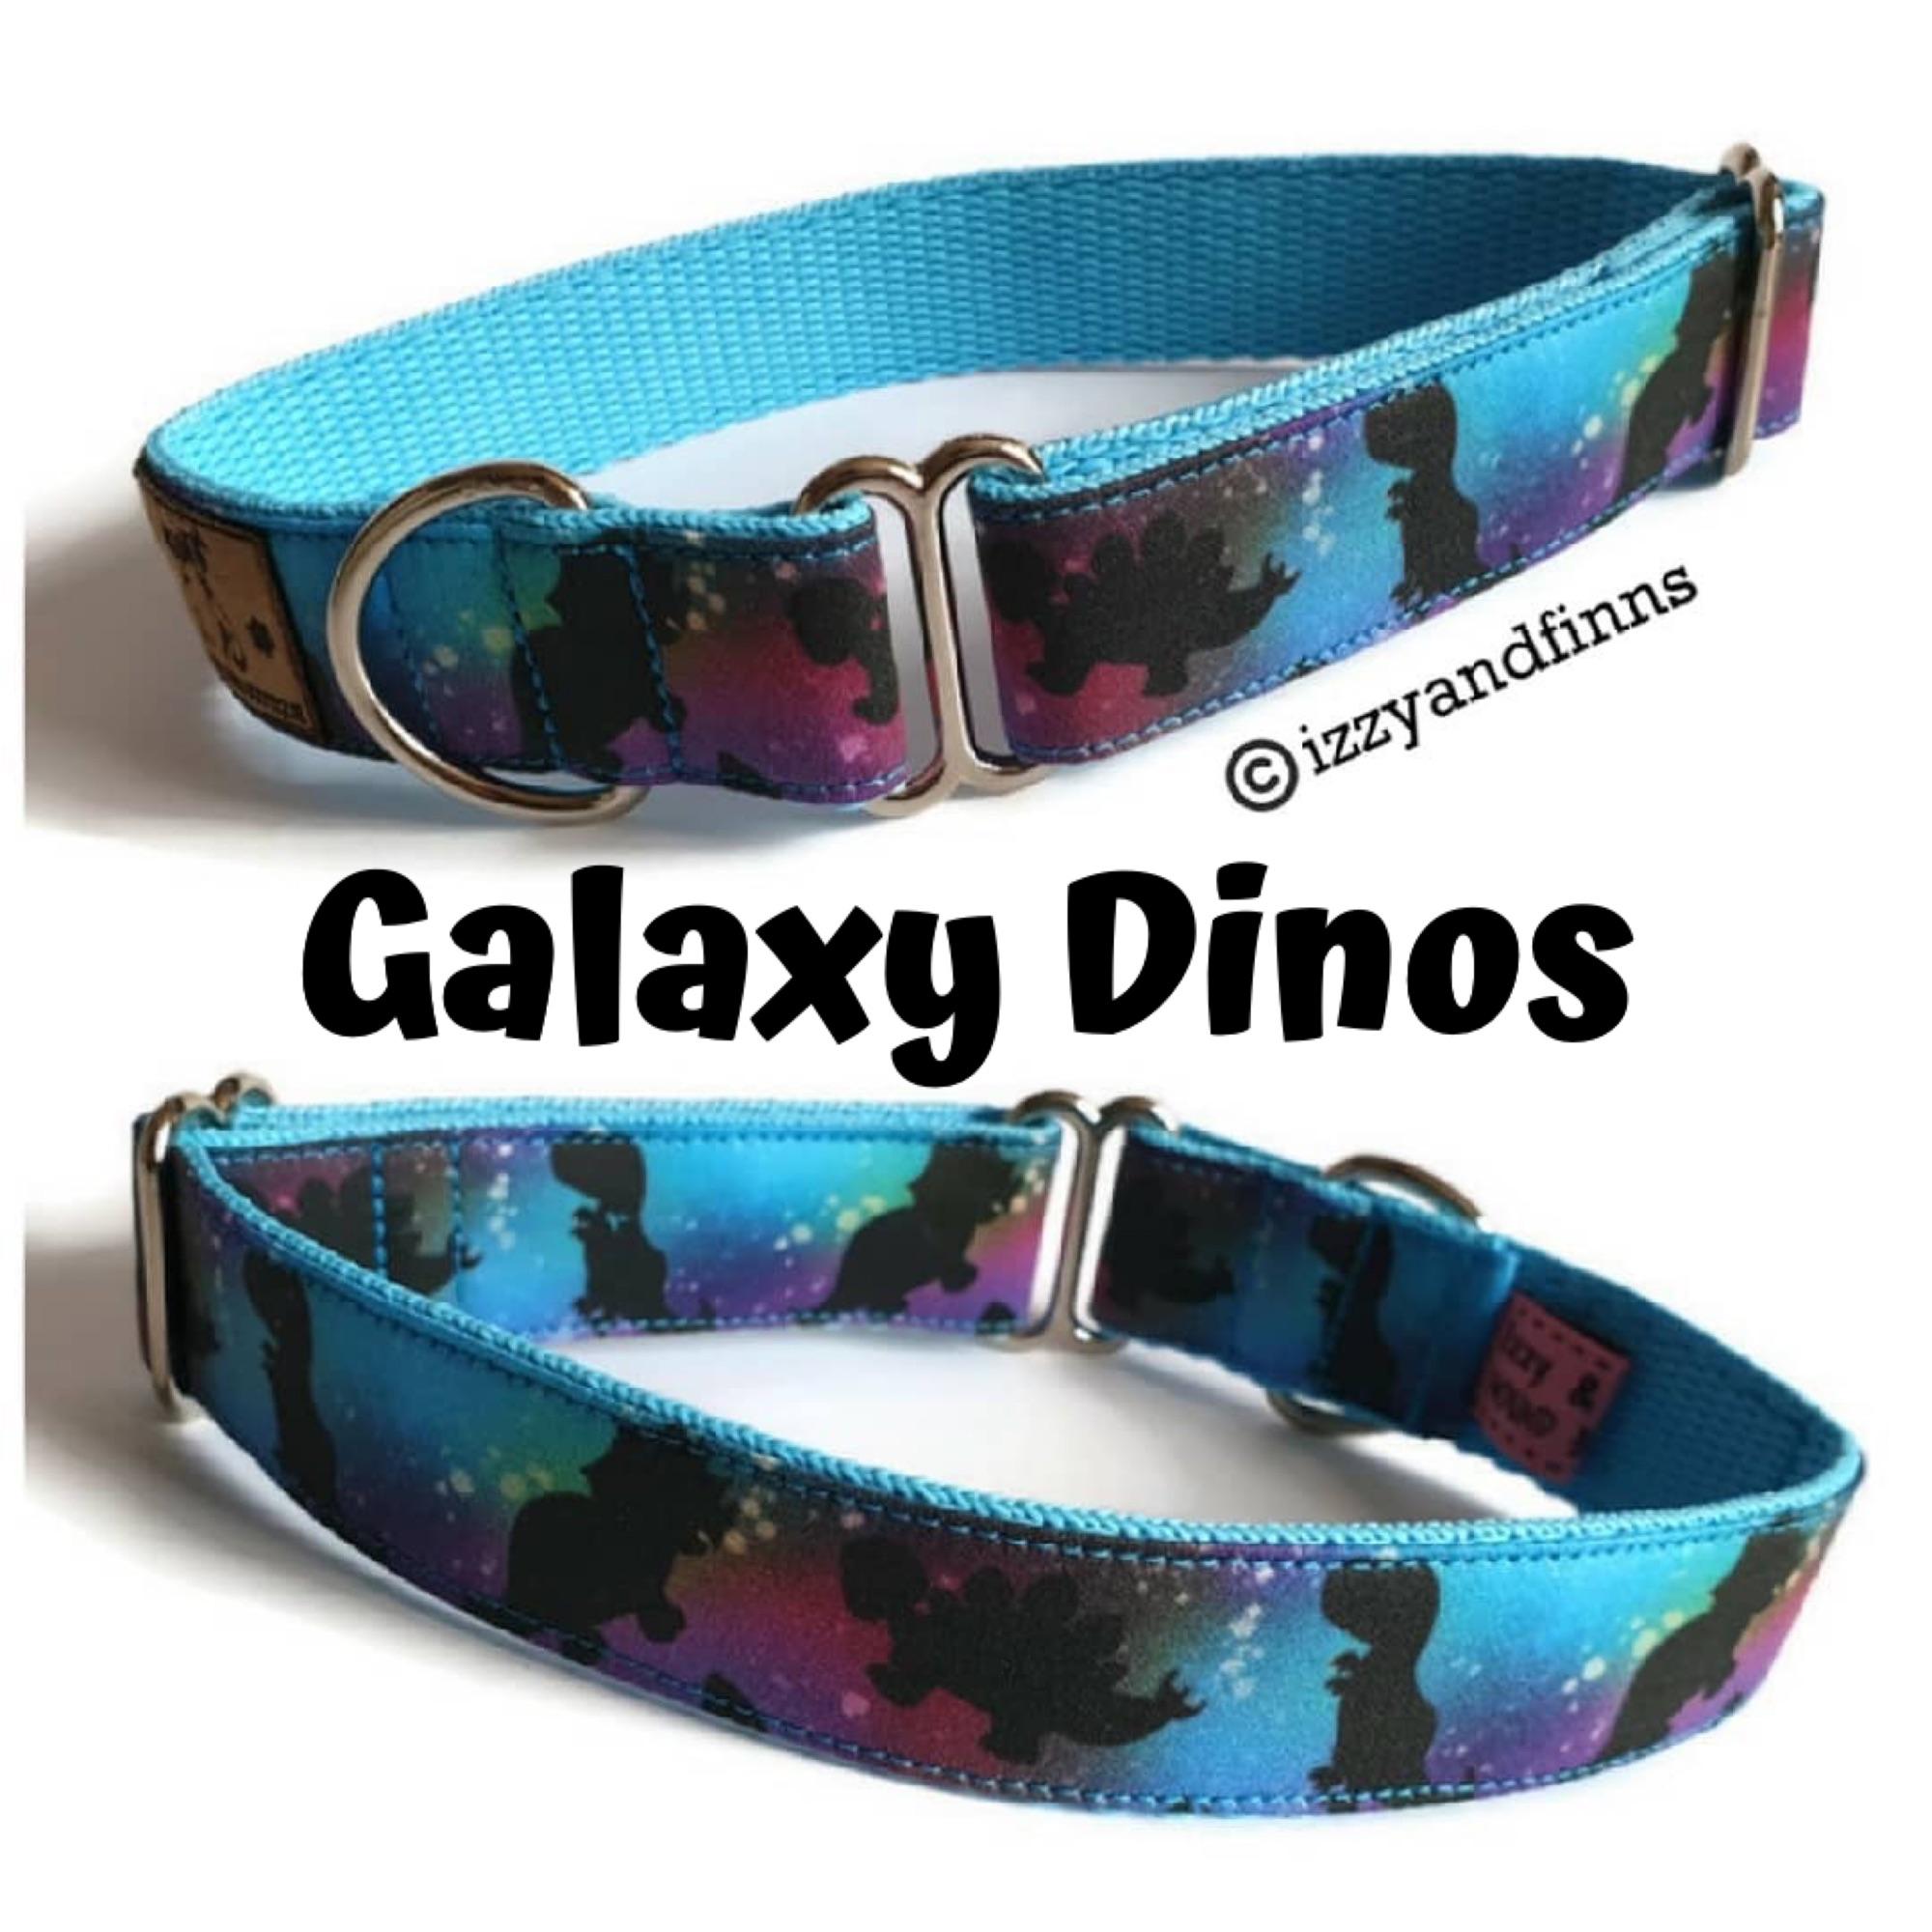 Galaxy Dinos